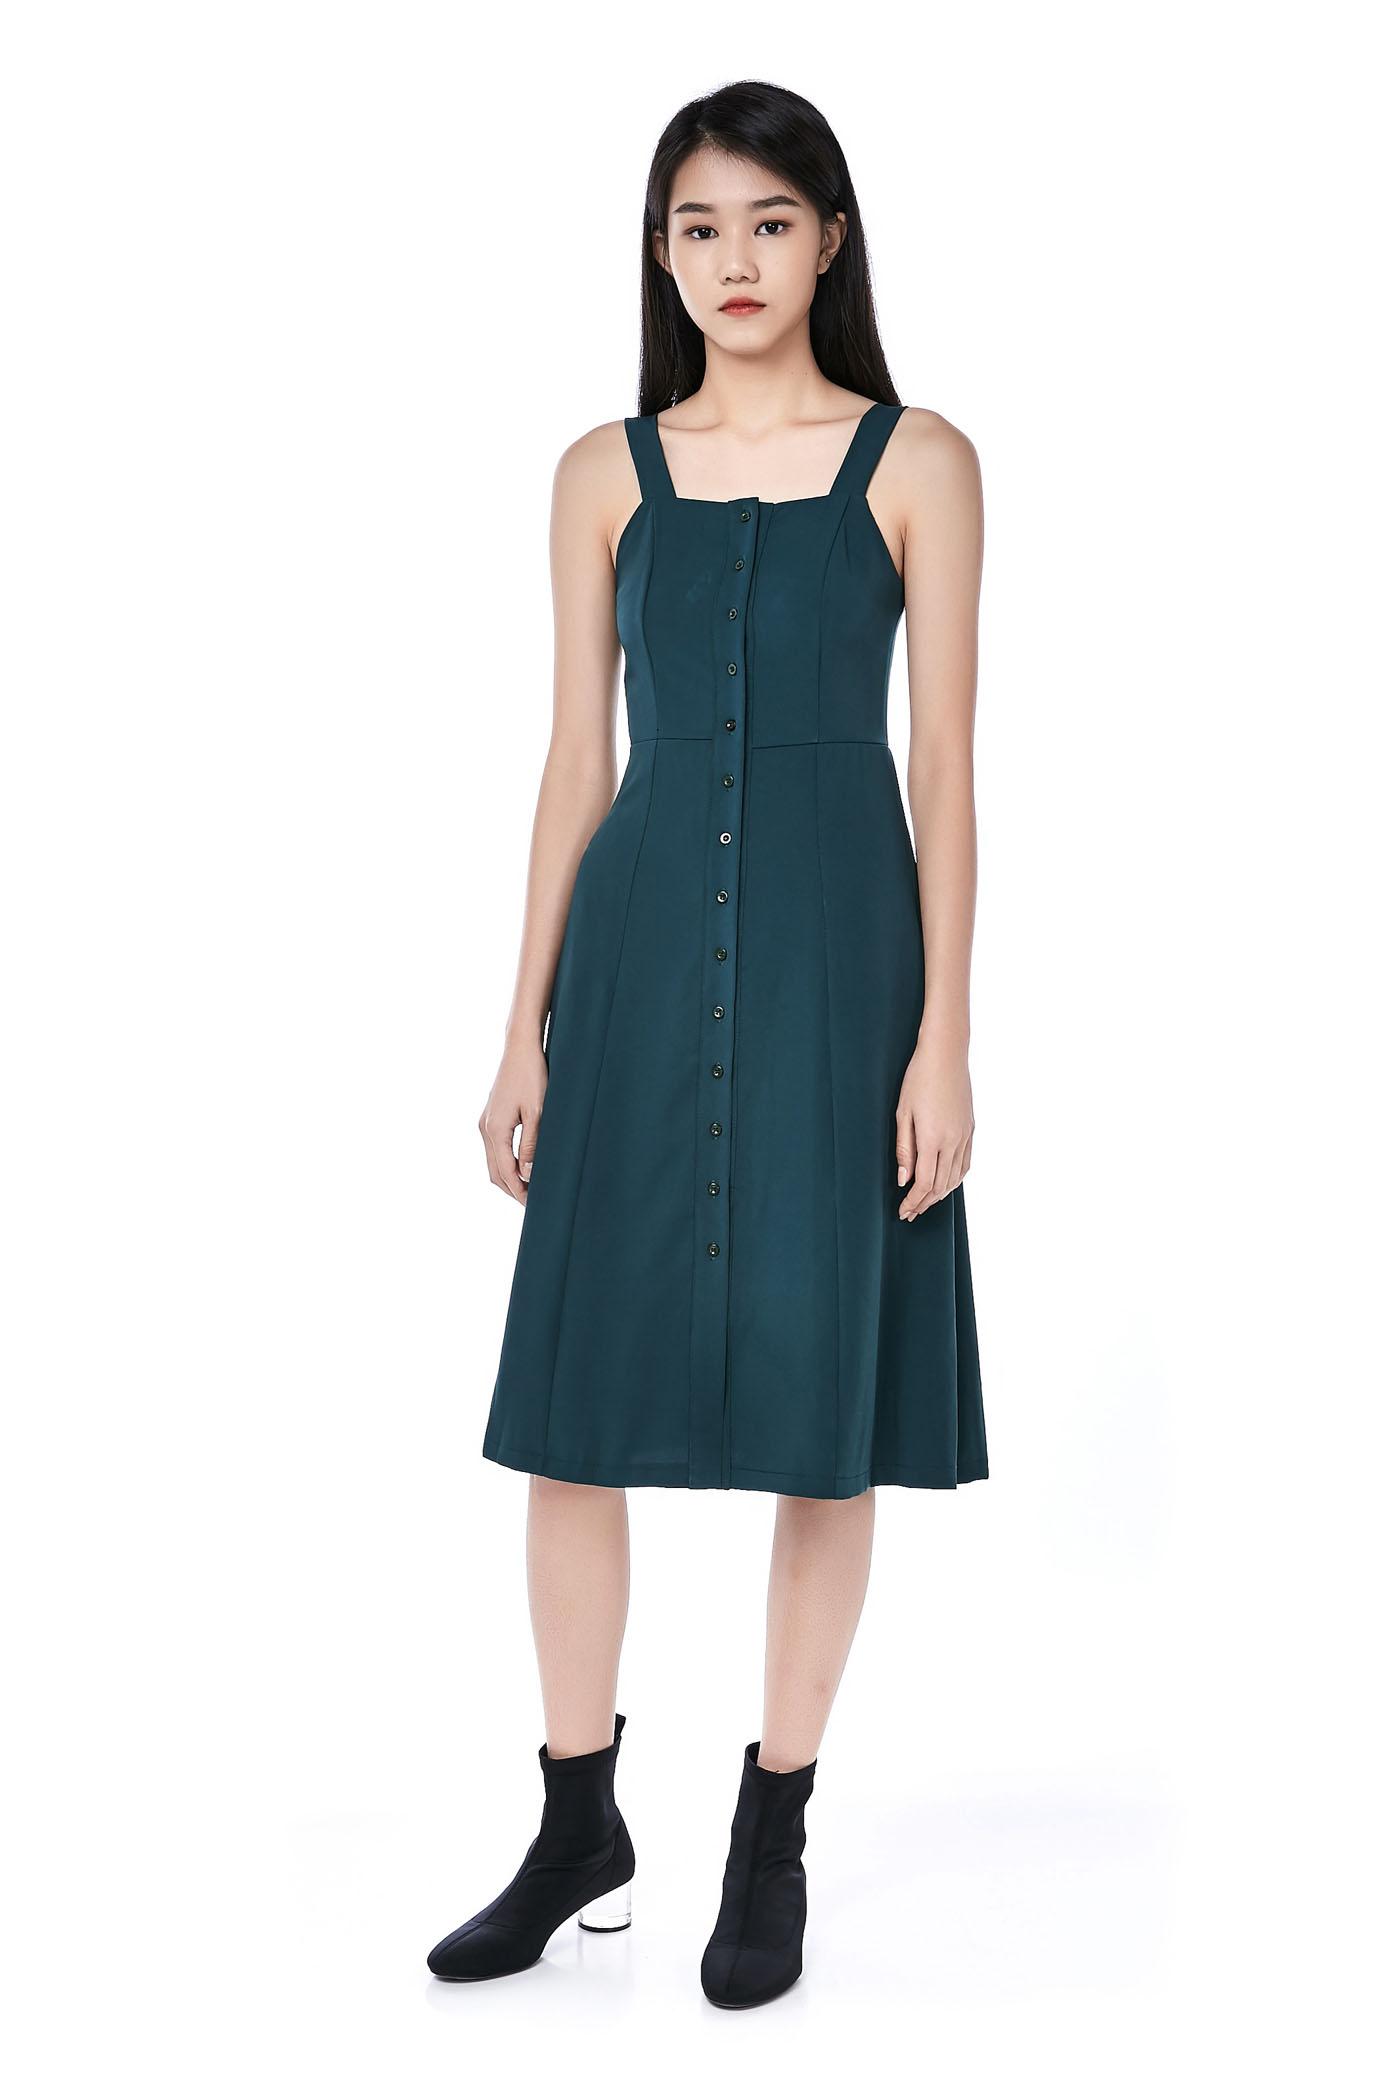 dde8290636f1 Nichee Button-Down Midi Dress